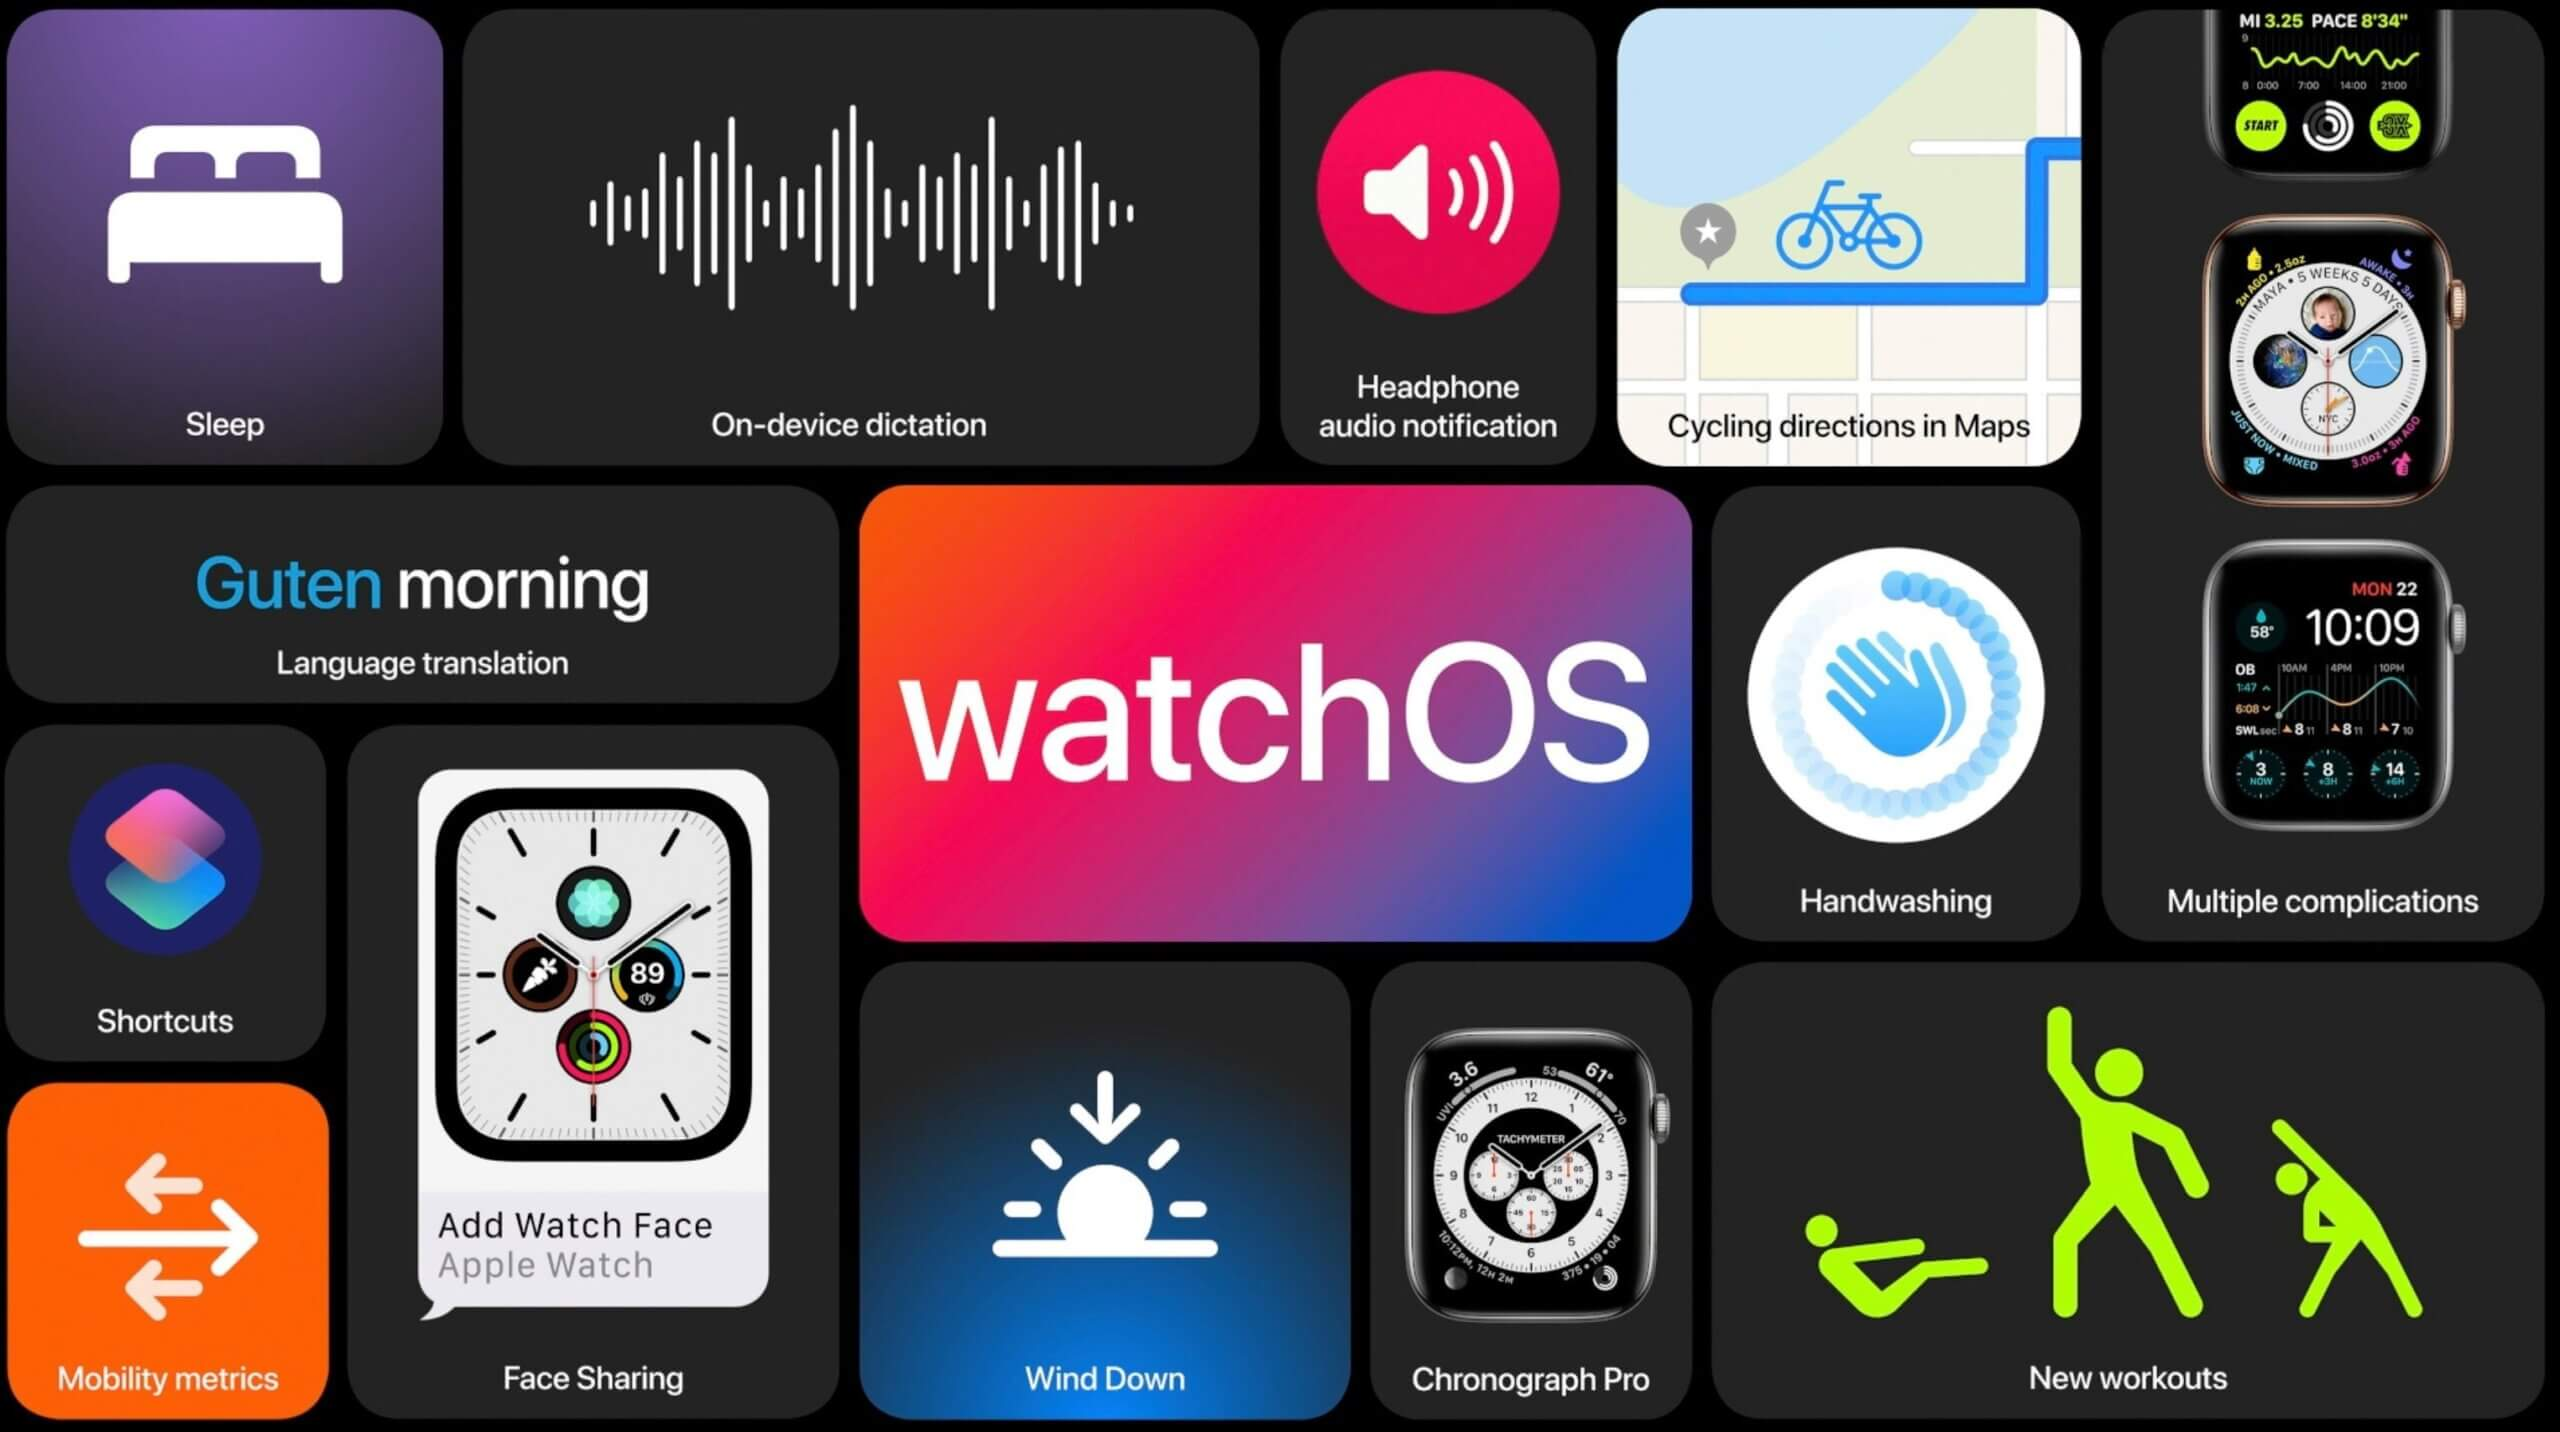 Apple выпускает watchOS 7 с функцией отслеживания сна и другими функциями 16 сентября